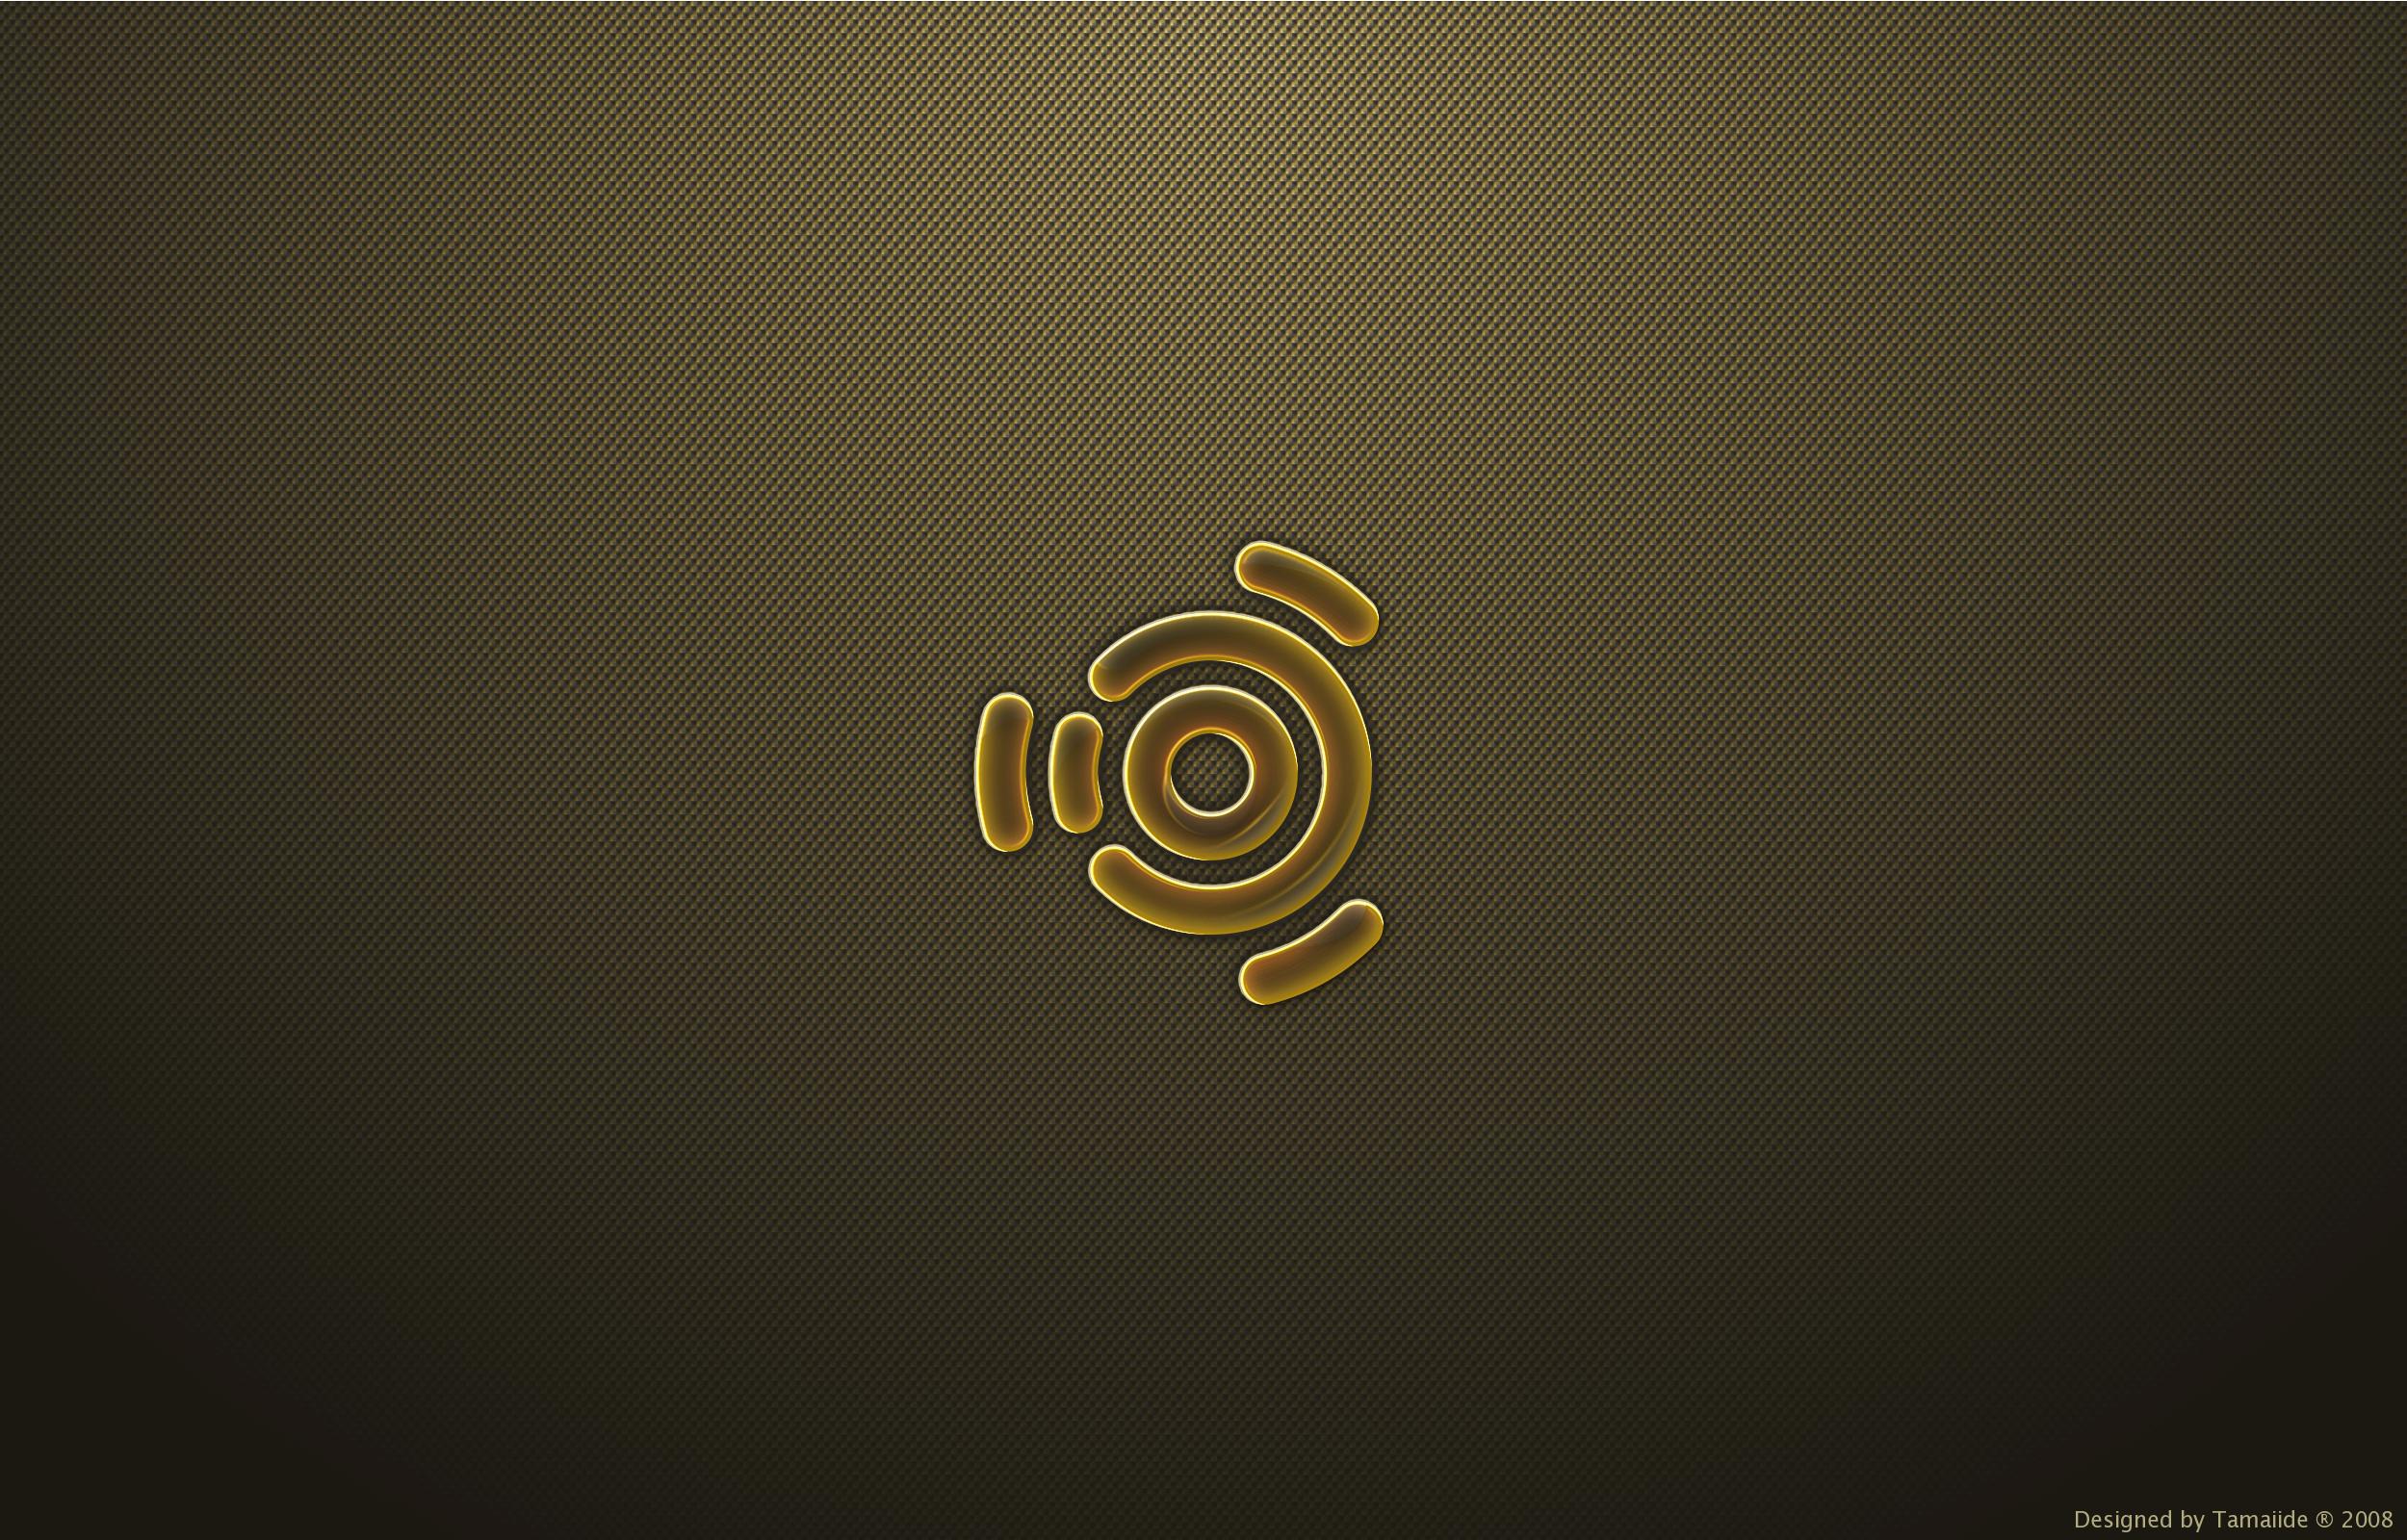 Ubuntu Wallp 'Studio Style' by tamaiide